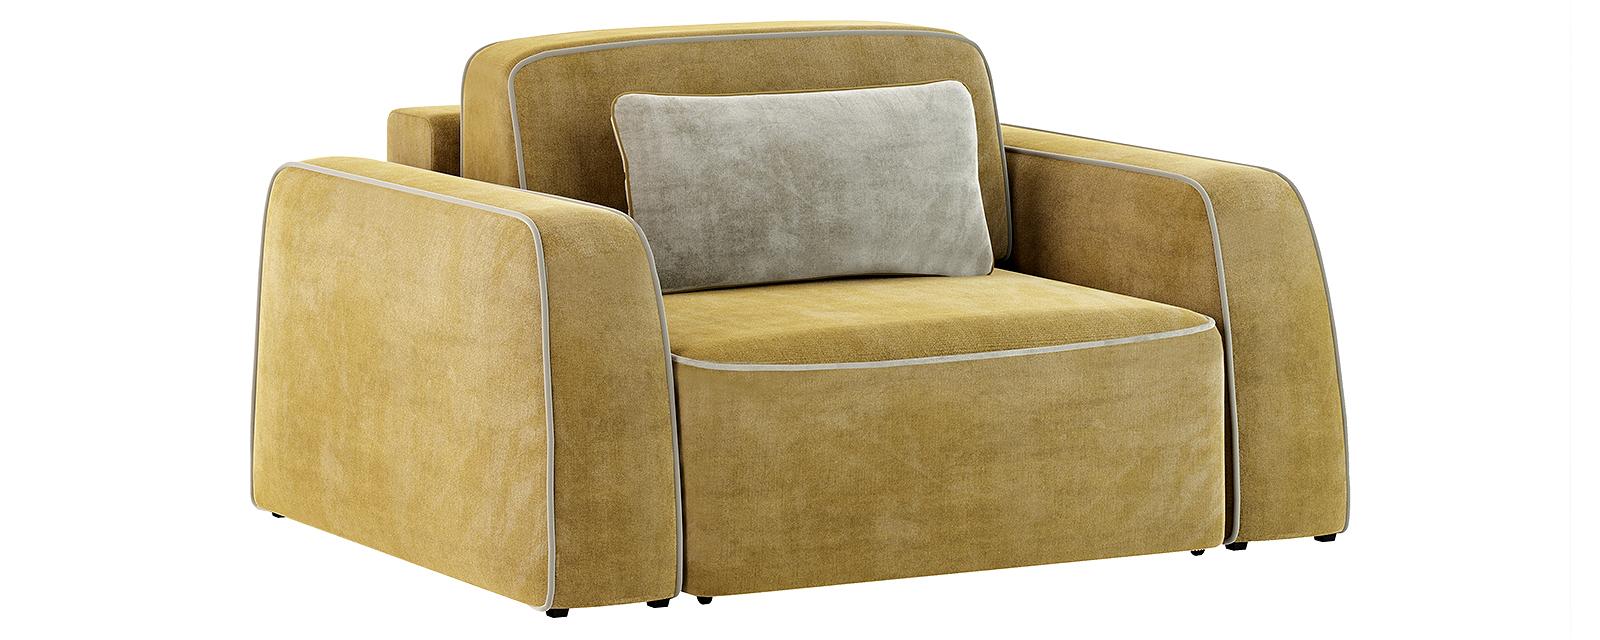 Кресло тканевое Портленд 100 см Velure оливковый/бежевый (Велюр)